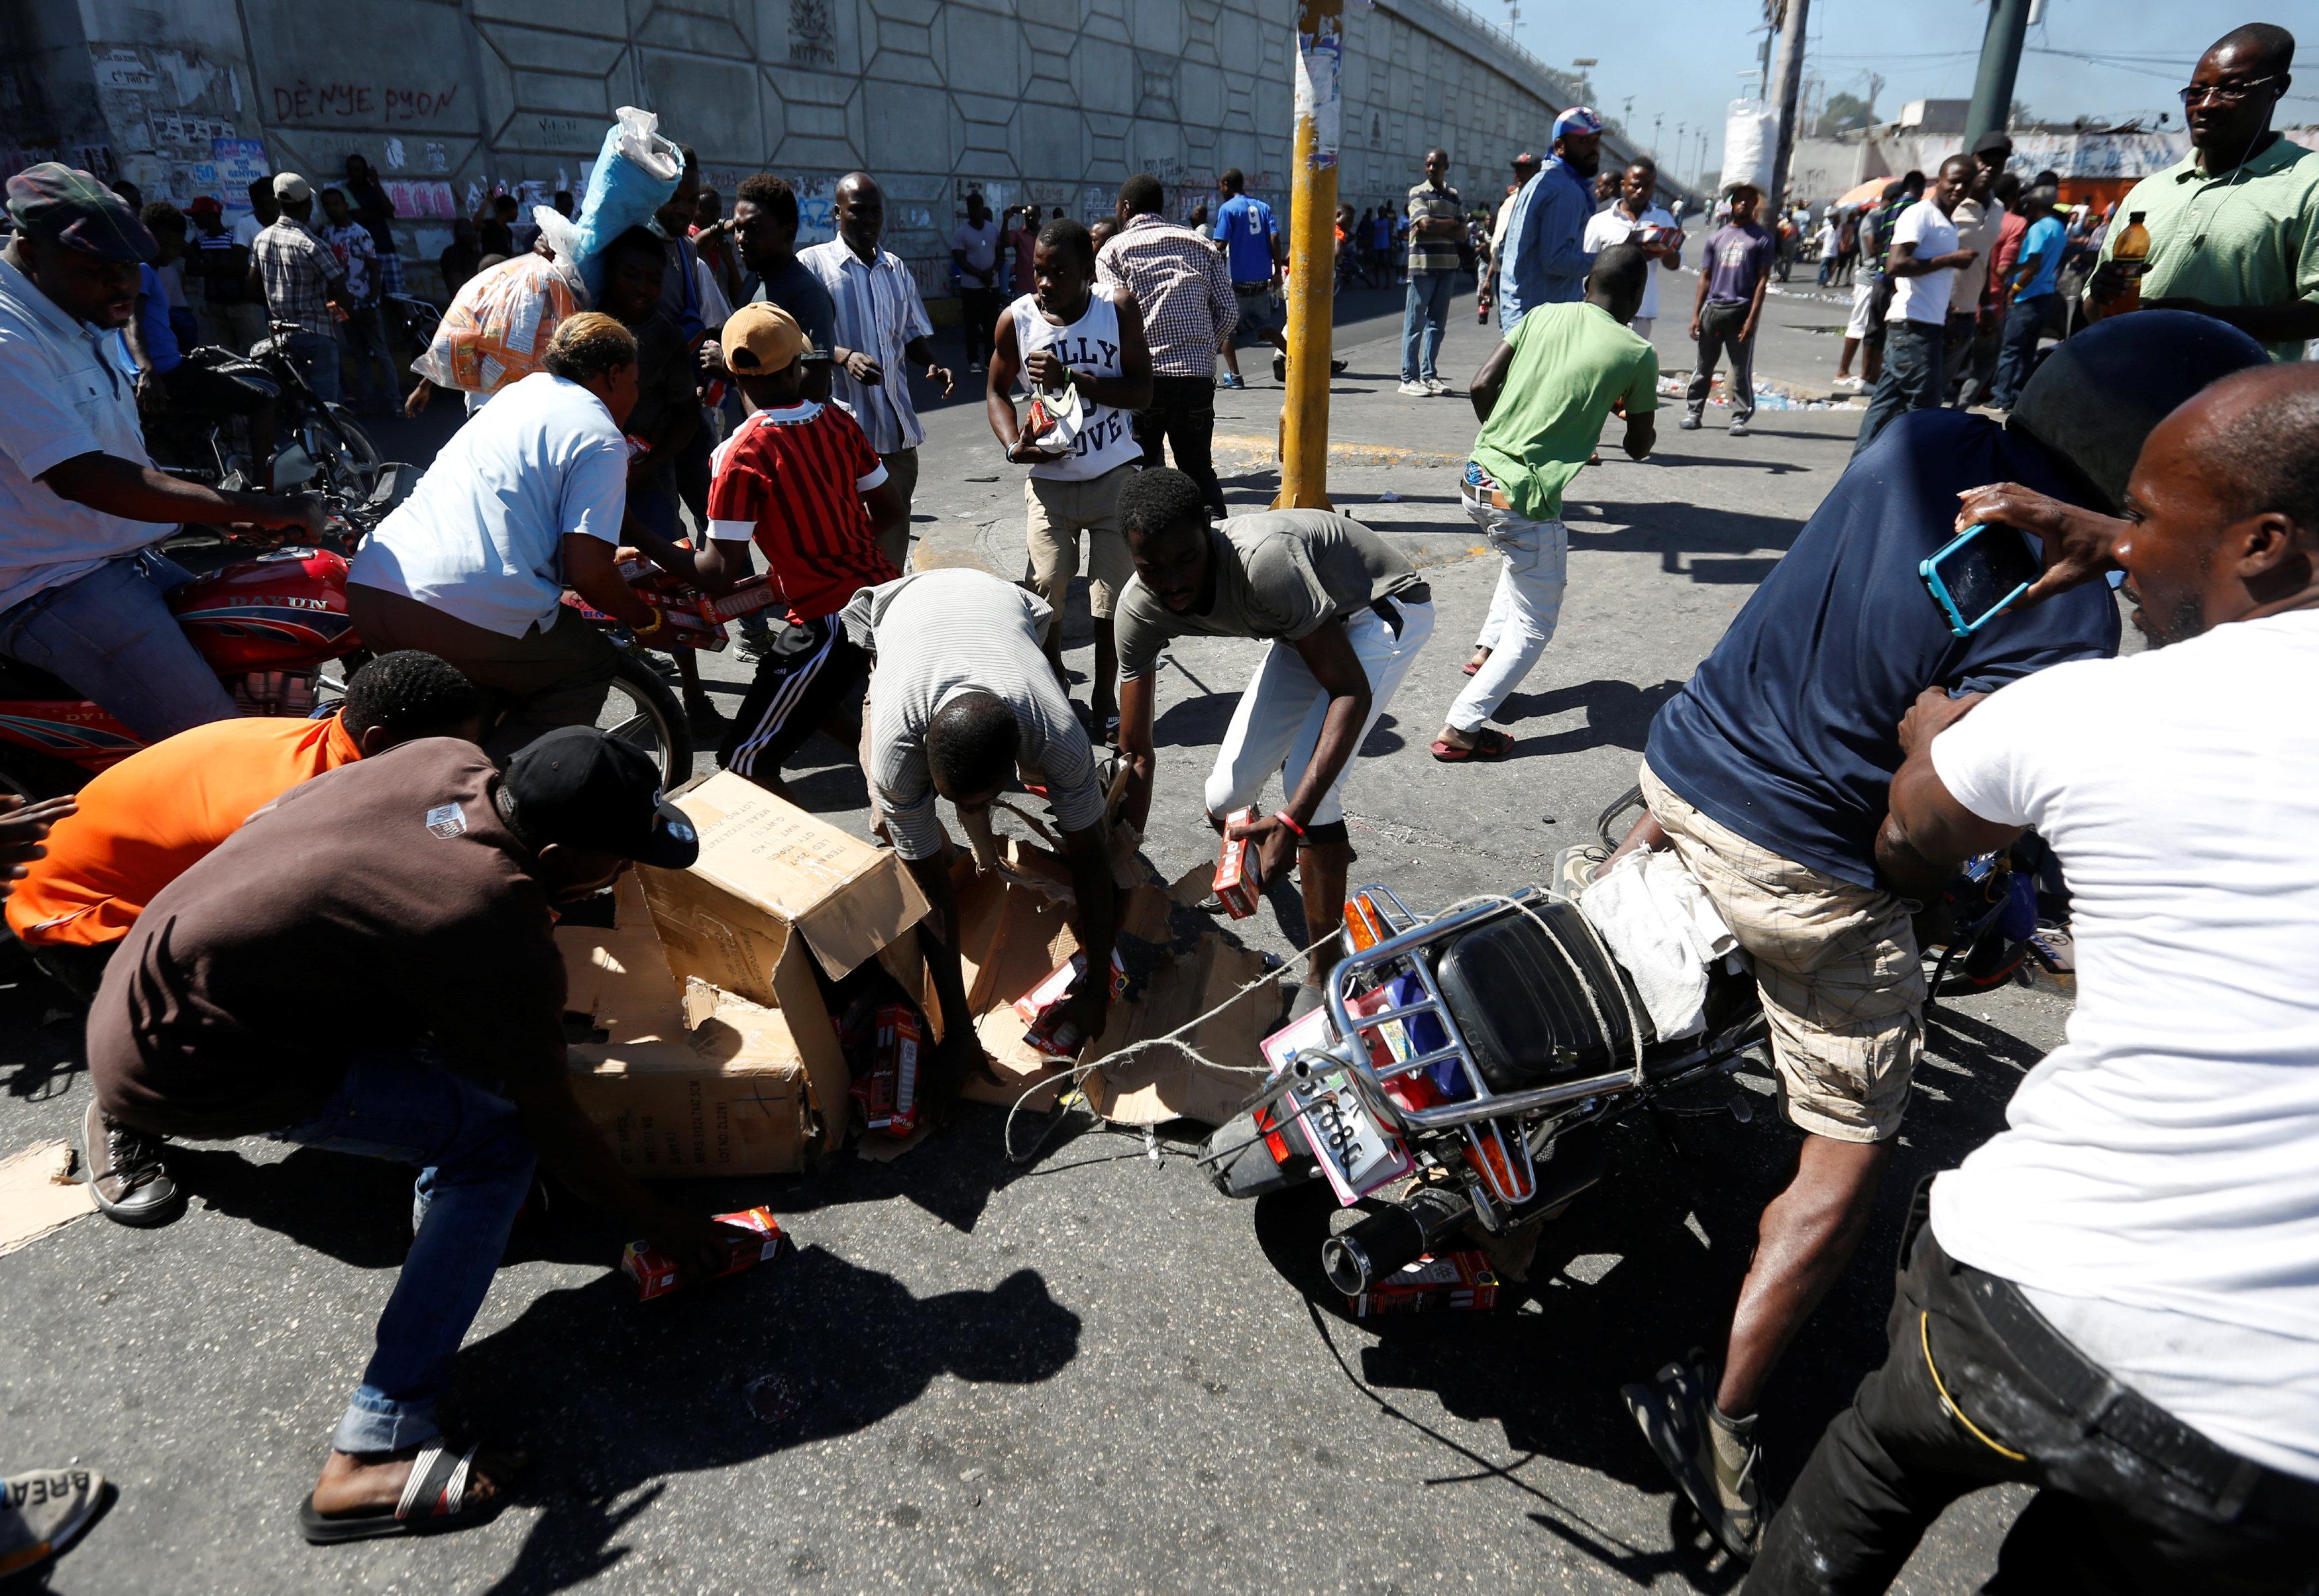 الاحتجاجات العنيفة ضد السلطة فى هايتى  (10)